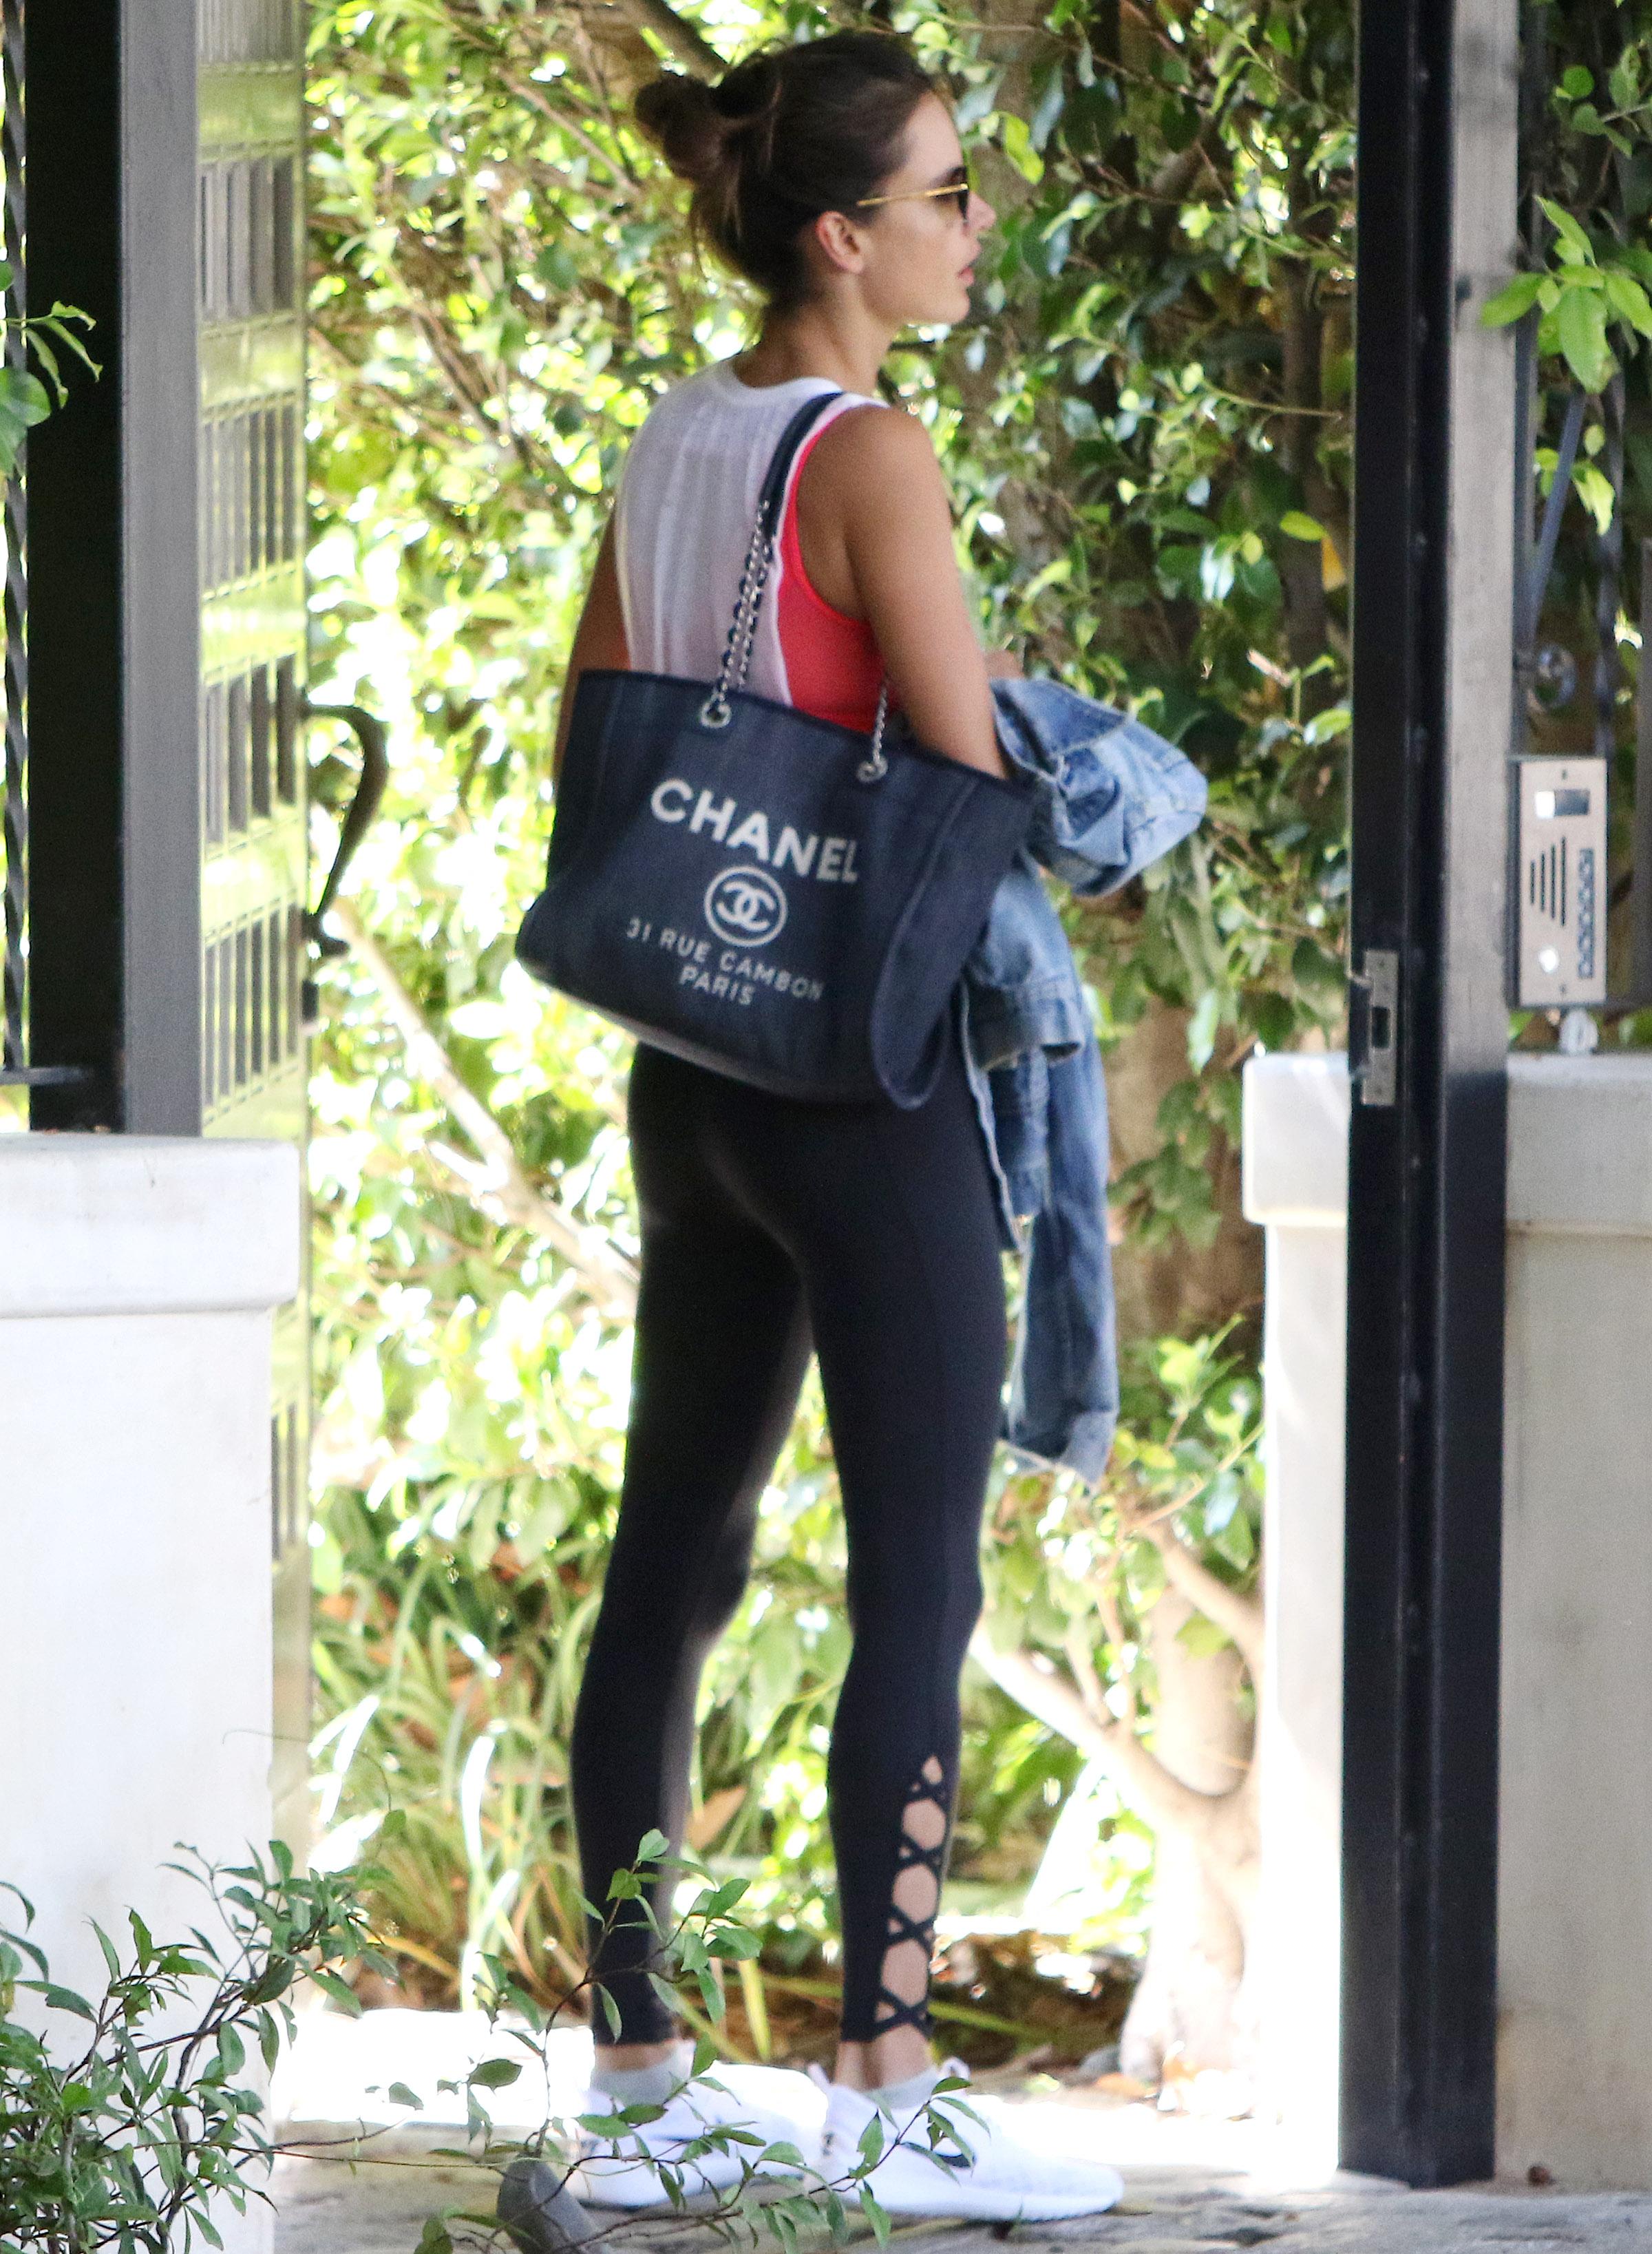 Alessandra Ambrosio Bolso Chanel Gimansio